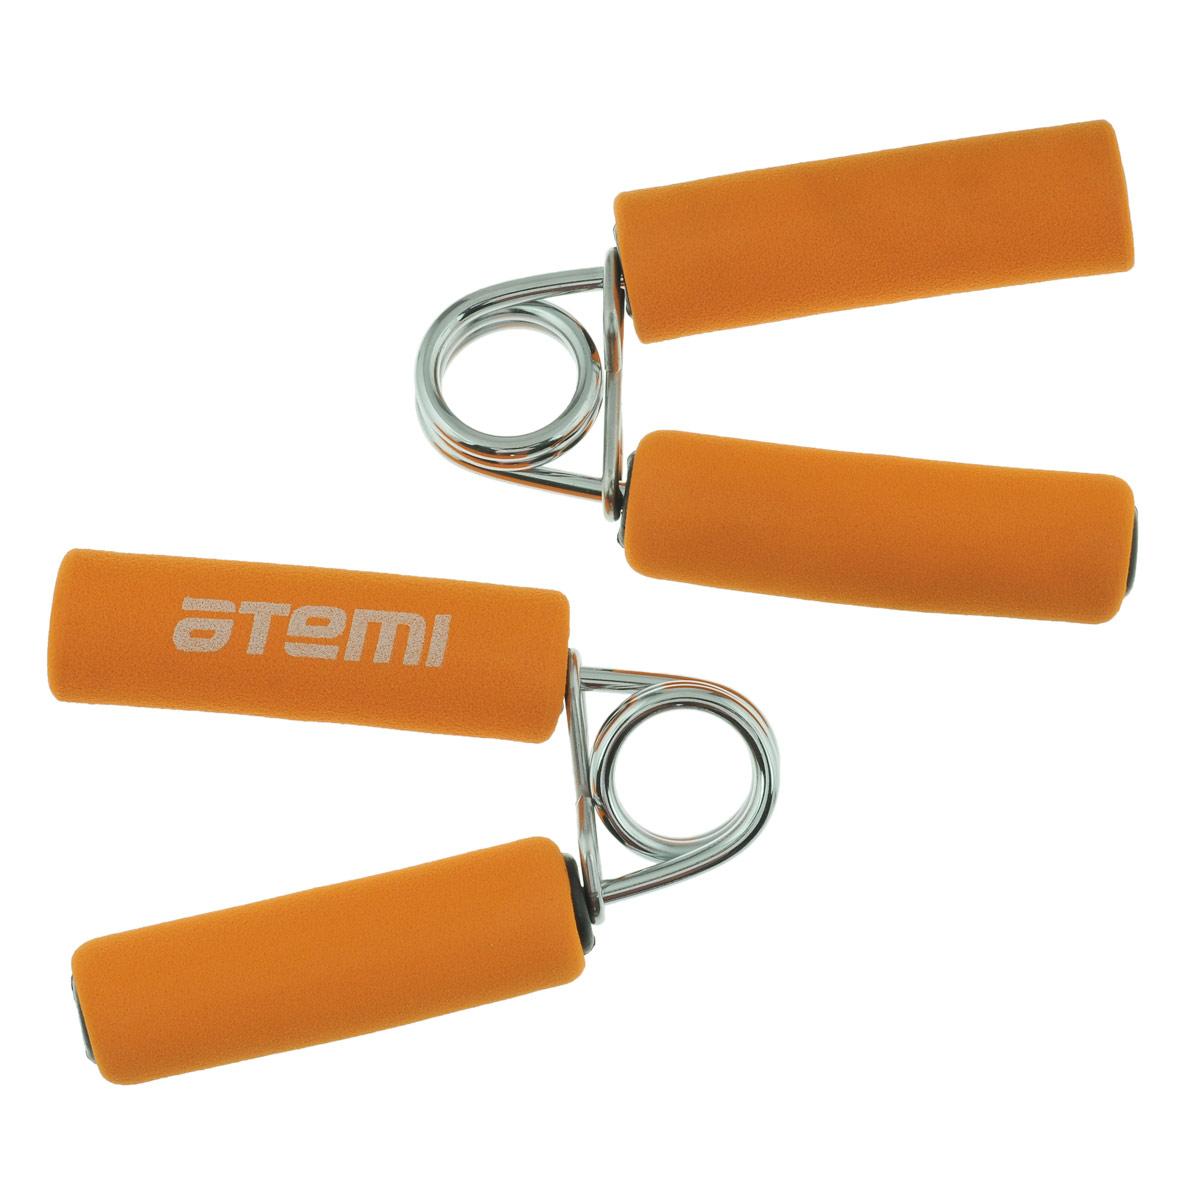 Эспандер кистевой Atemi, цвет: оранжевый, 2 шт. AHG-02RJ0207AКистевой эспандер Atemi предназначен для укрепления и тренировки мышц пальцев, рук и запястий. Ручки выполнены из мягкого неопрена.В набор входят два эспандера.Размер эспандера: 12 см х 10,5 см.